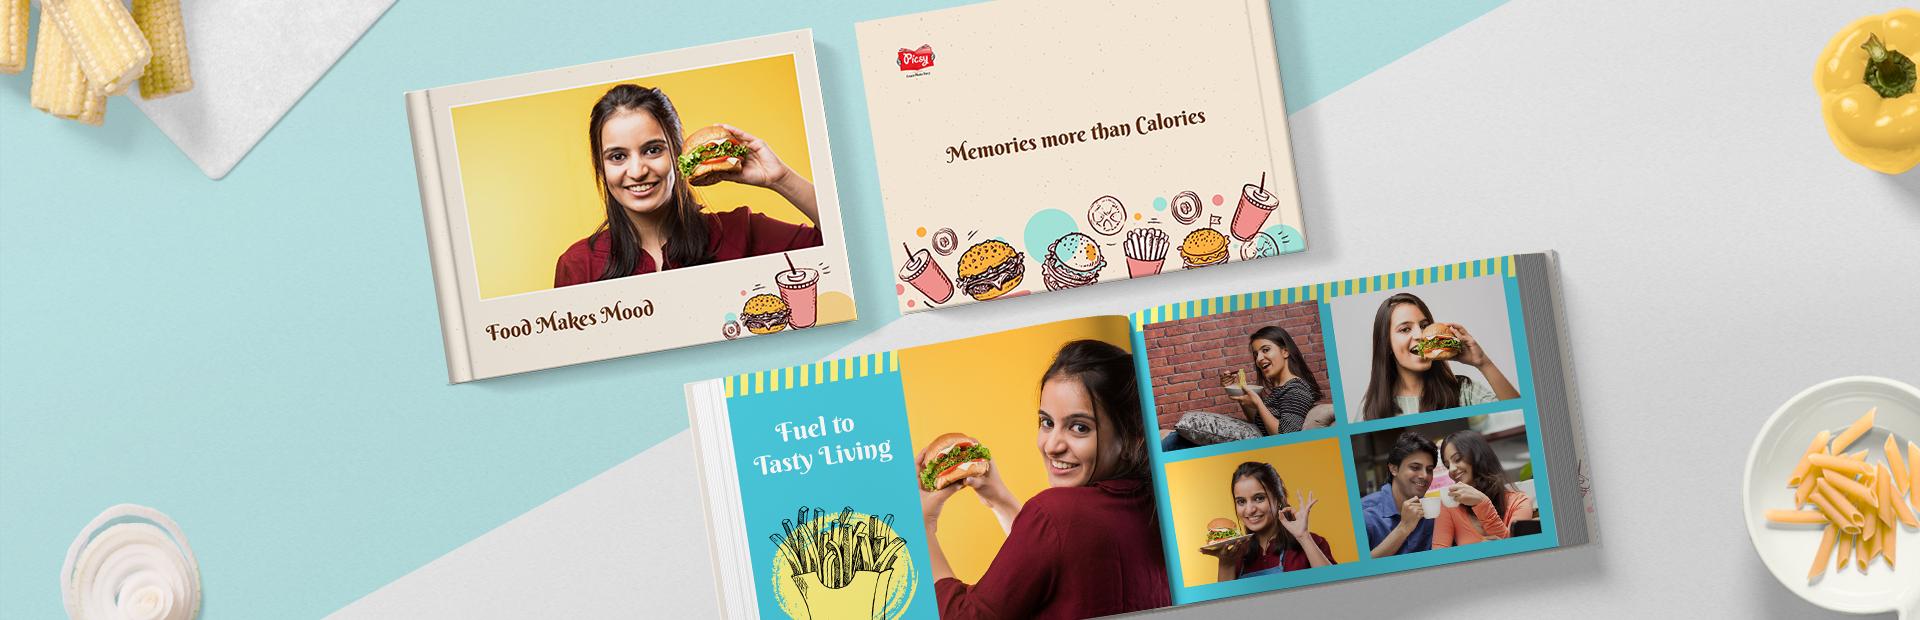 Food Lovers Custom Photo Books